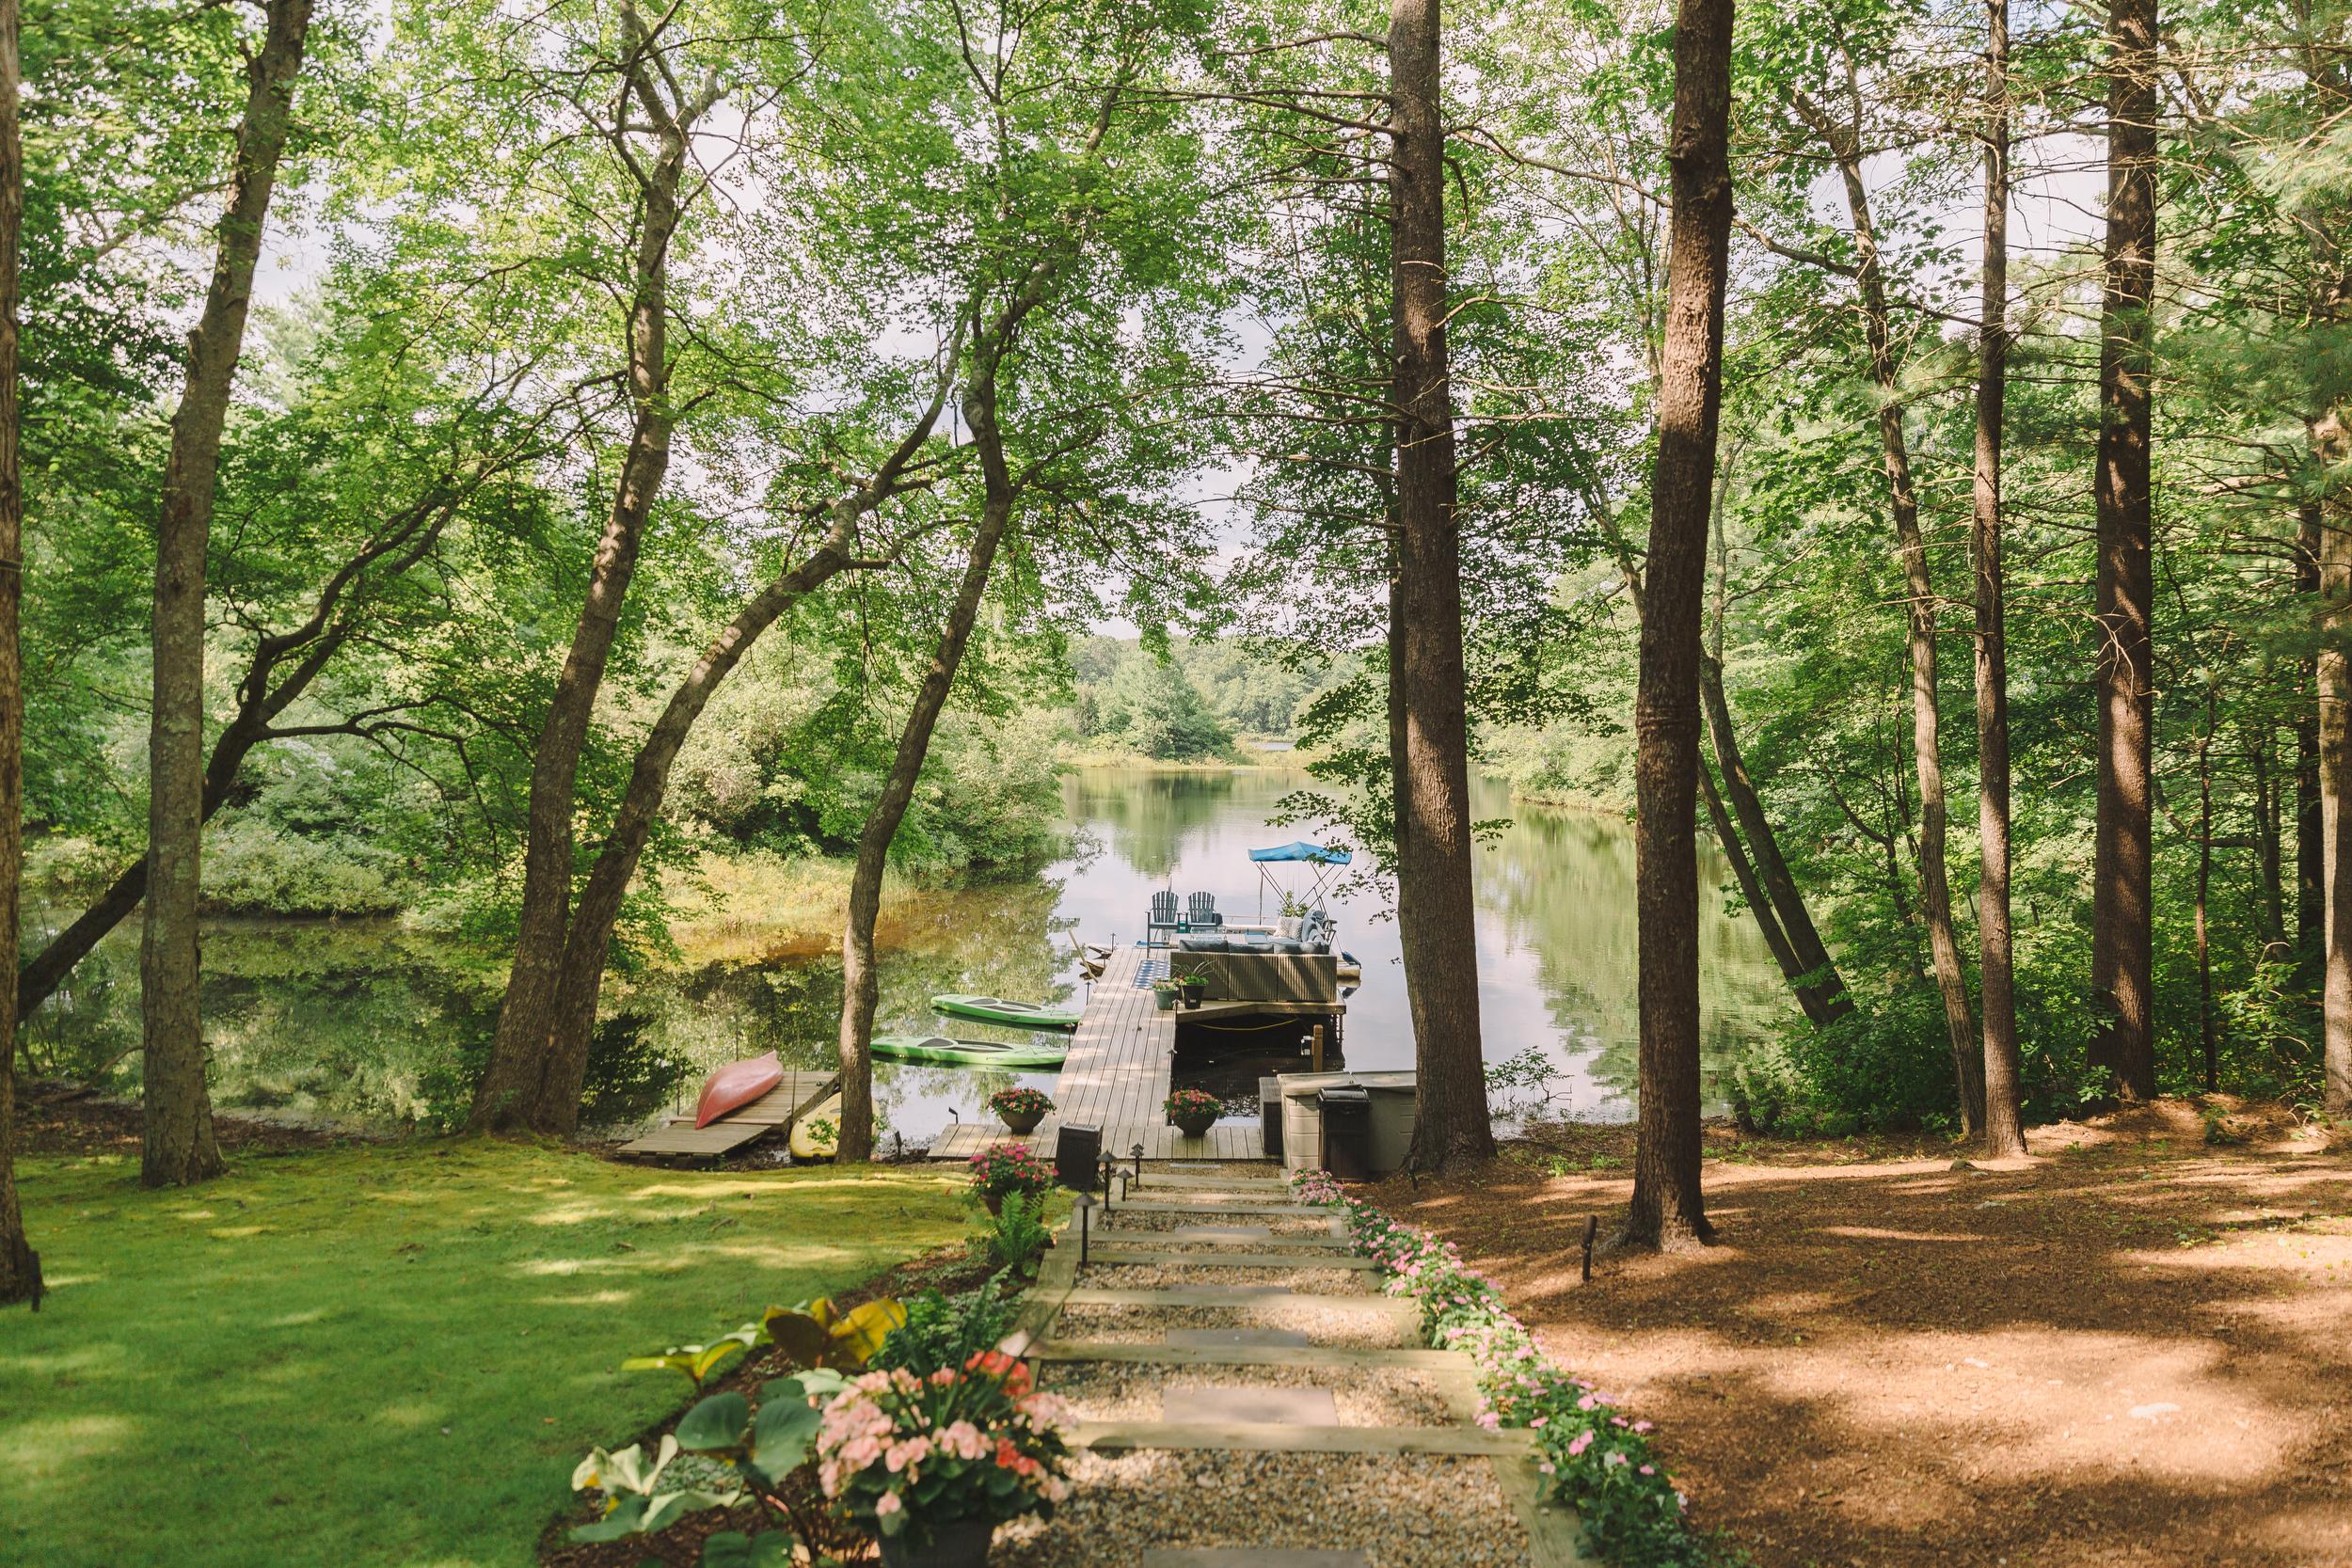 capecod_backyard_wedding_photos_mikhail_1.JPG